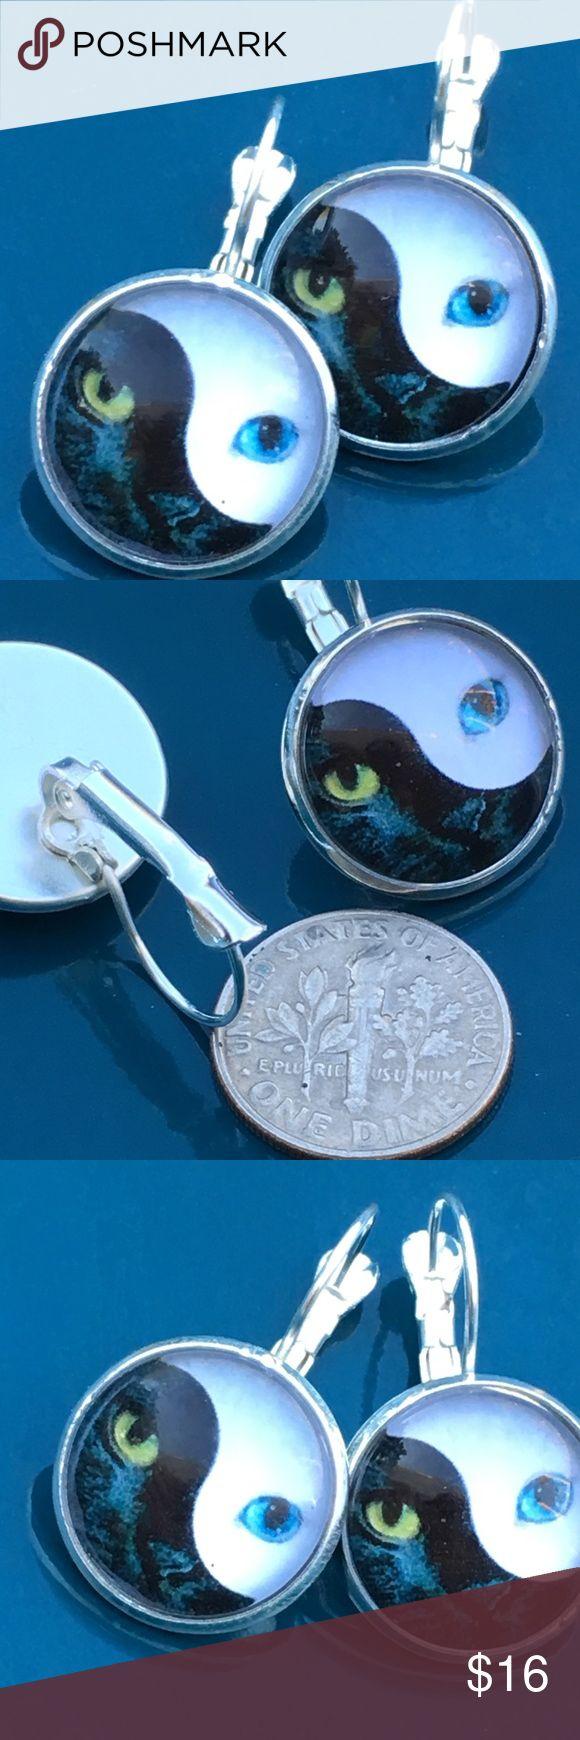 Blue green eyed cat 🐱 yin yang earrings Nice earrings clips- silver alloy Jewelry Earrings